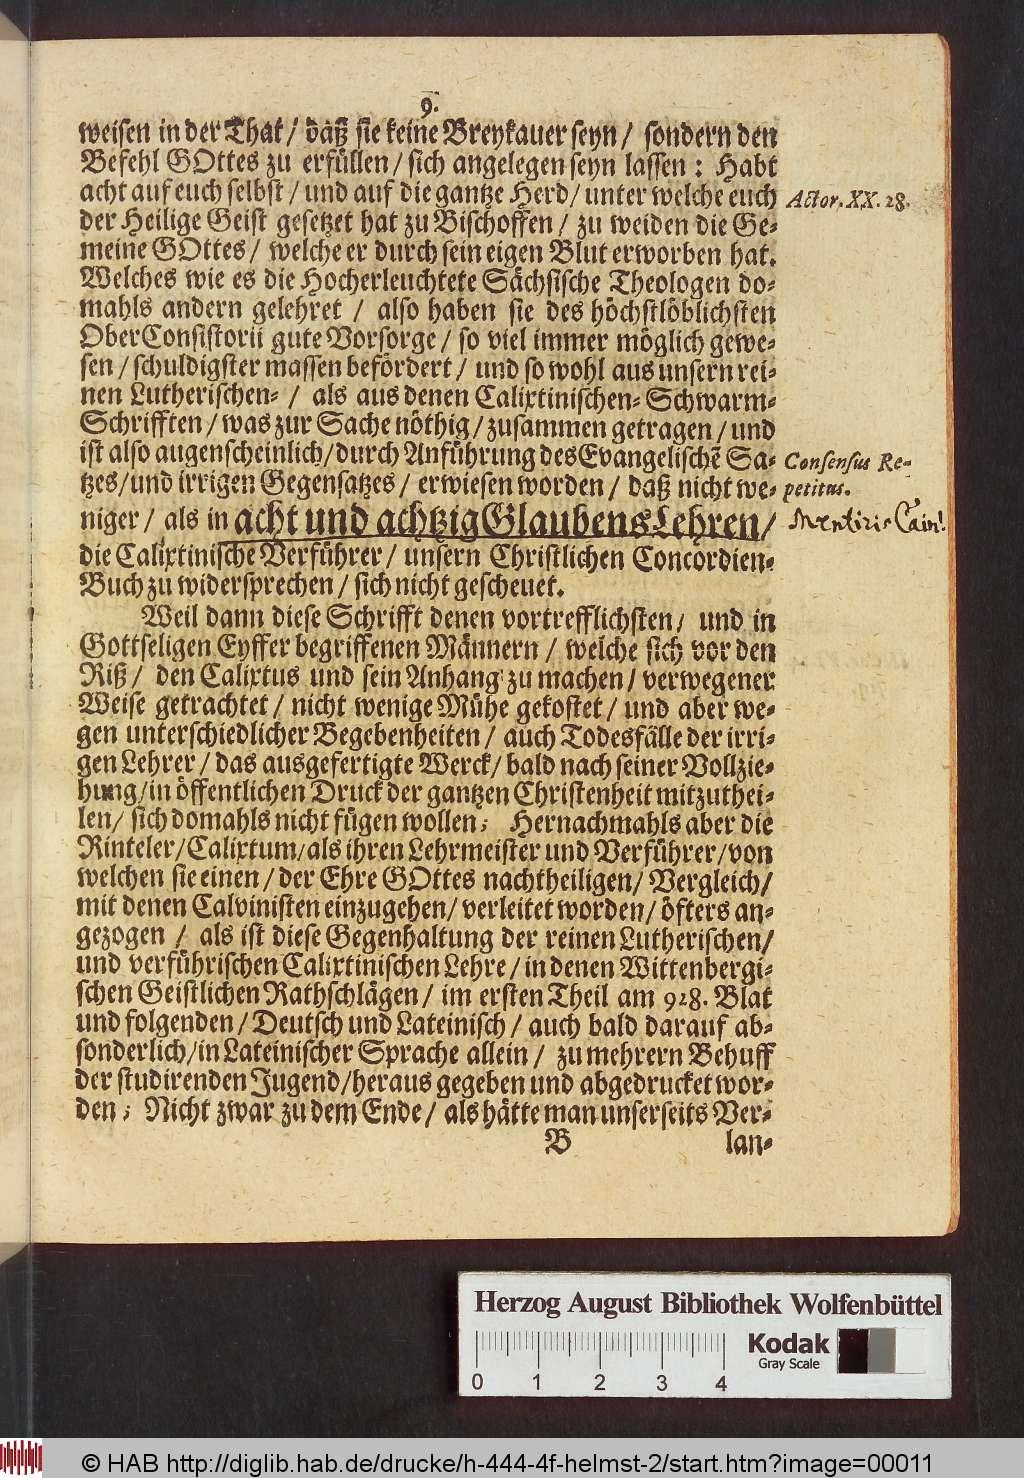 http://diglib.hab.de/drucke/h-444-4f-helmst-2/00011.jpg